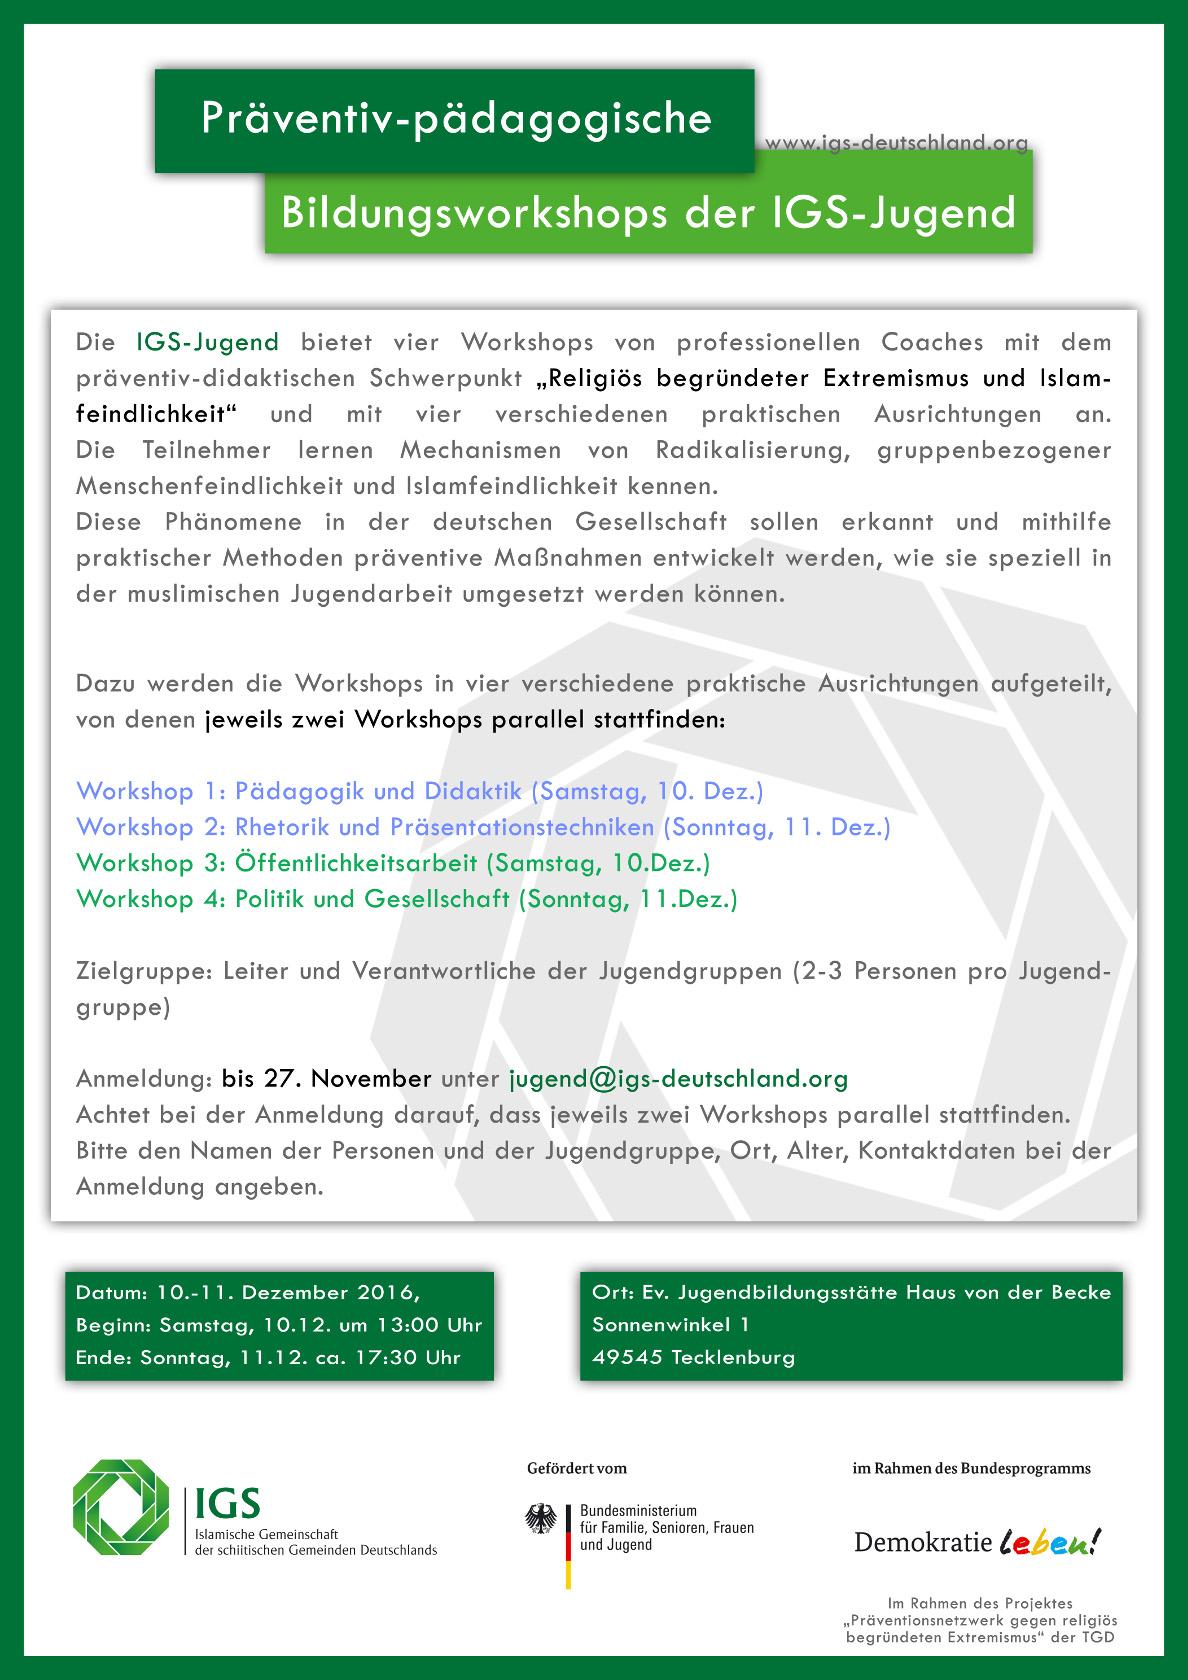 Bildungsworkshops_der_IGS_Jugend